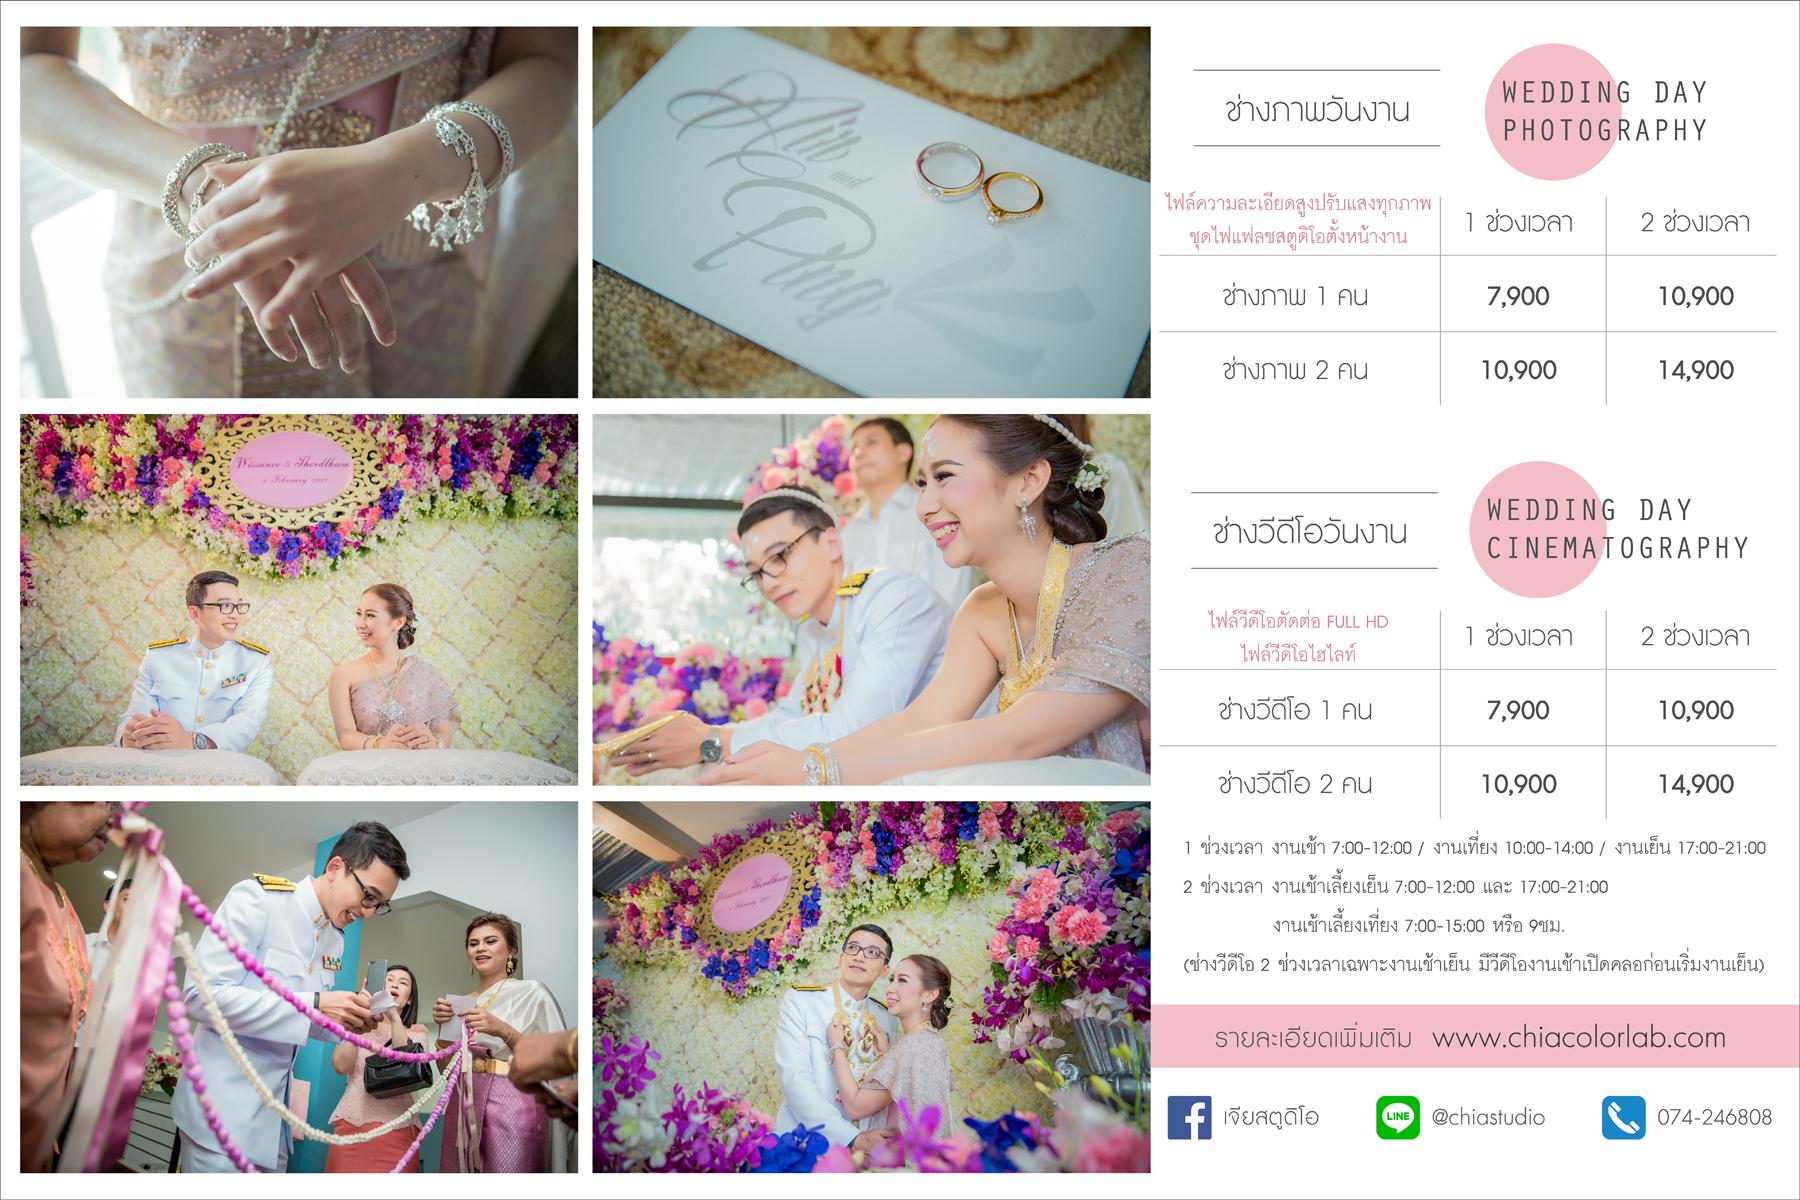 [ เจียหาดใหญ่ ] ช่างภาพงานแต่ง งานหมั้น งานพิธีมงคลสมรส ถ่ายรูปวันงาน  Wedding Photography Hatyai-a